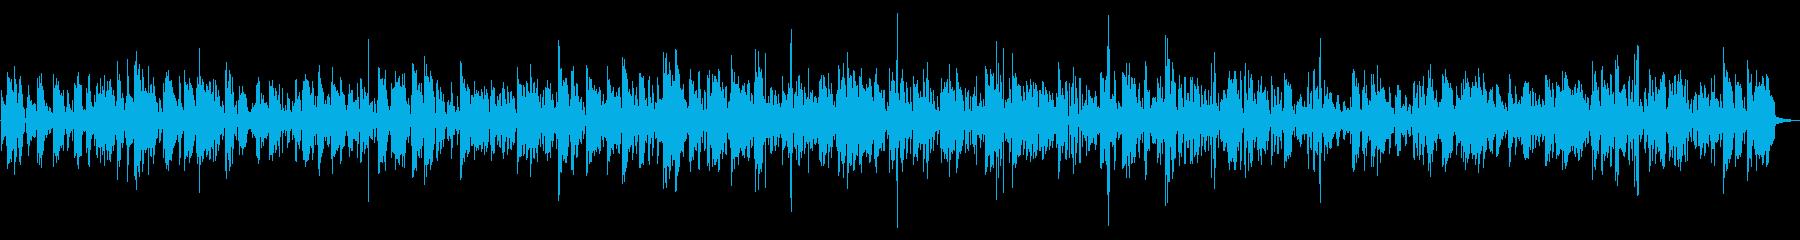 ジャズ|夜に聴きたい哀愁漂うムードBGMの再生済みの波形